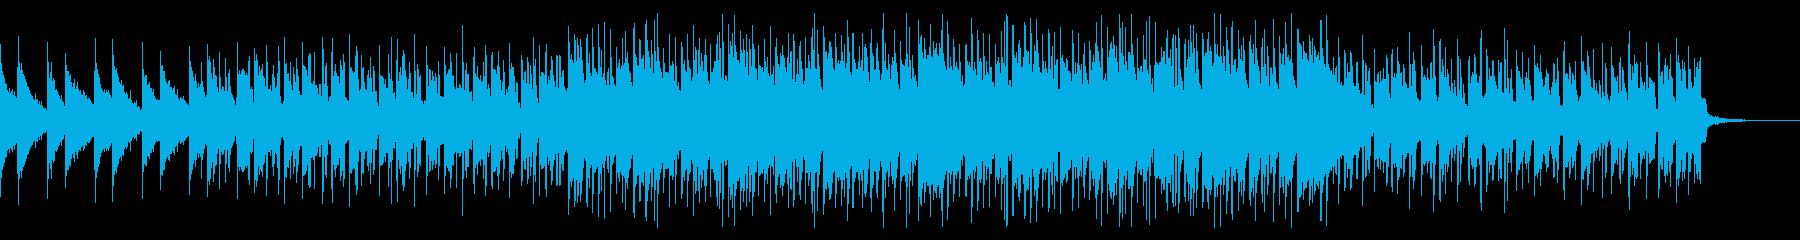 ほのぼのした雰囲気のシンセポップスの再生済みの波形